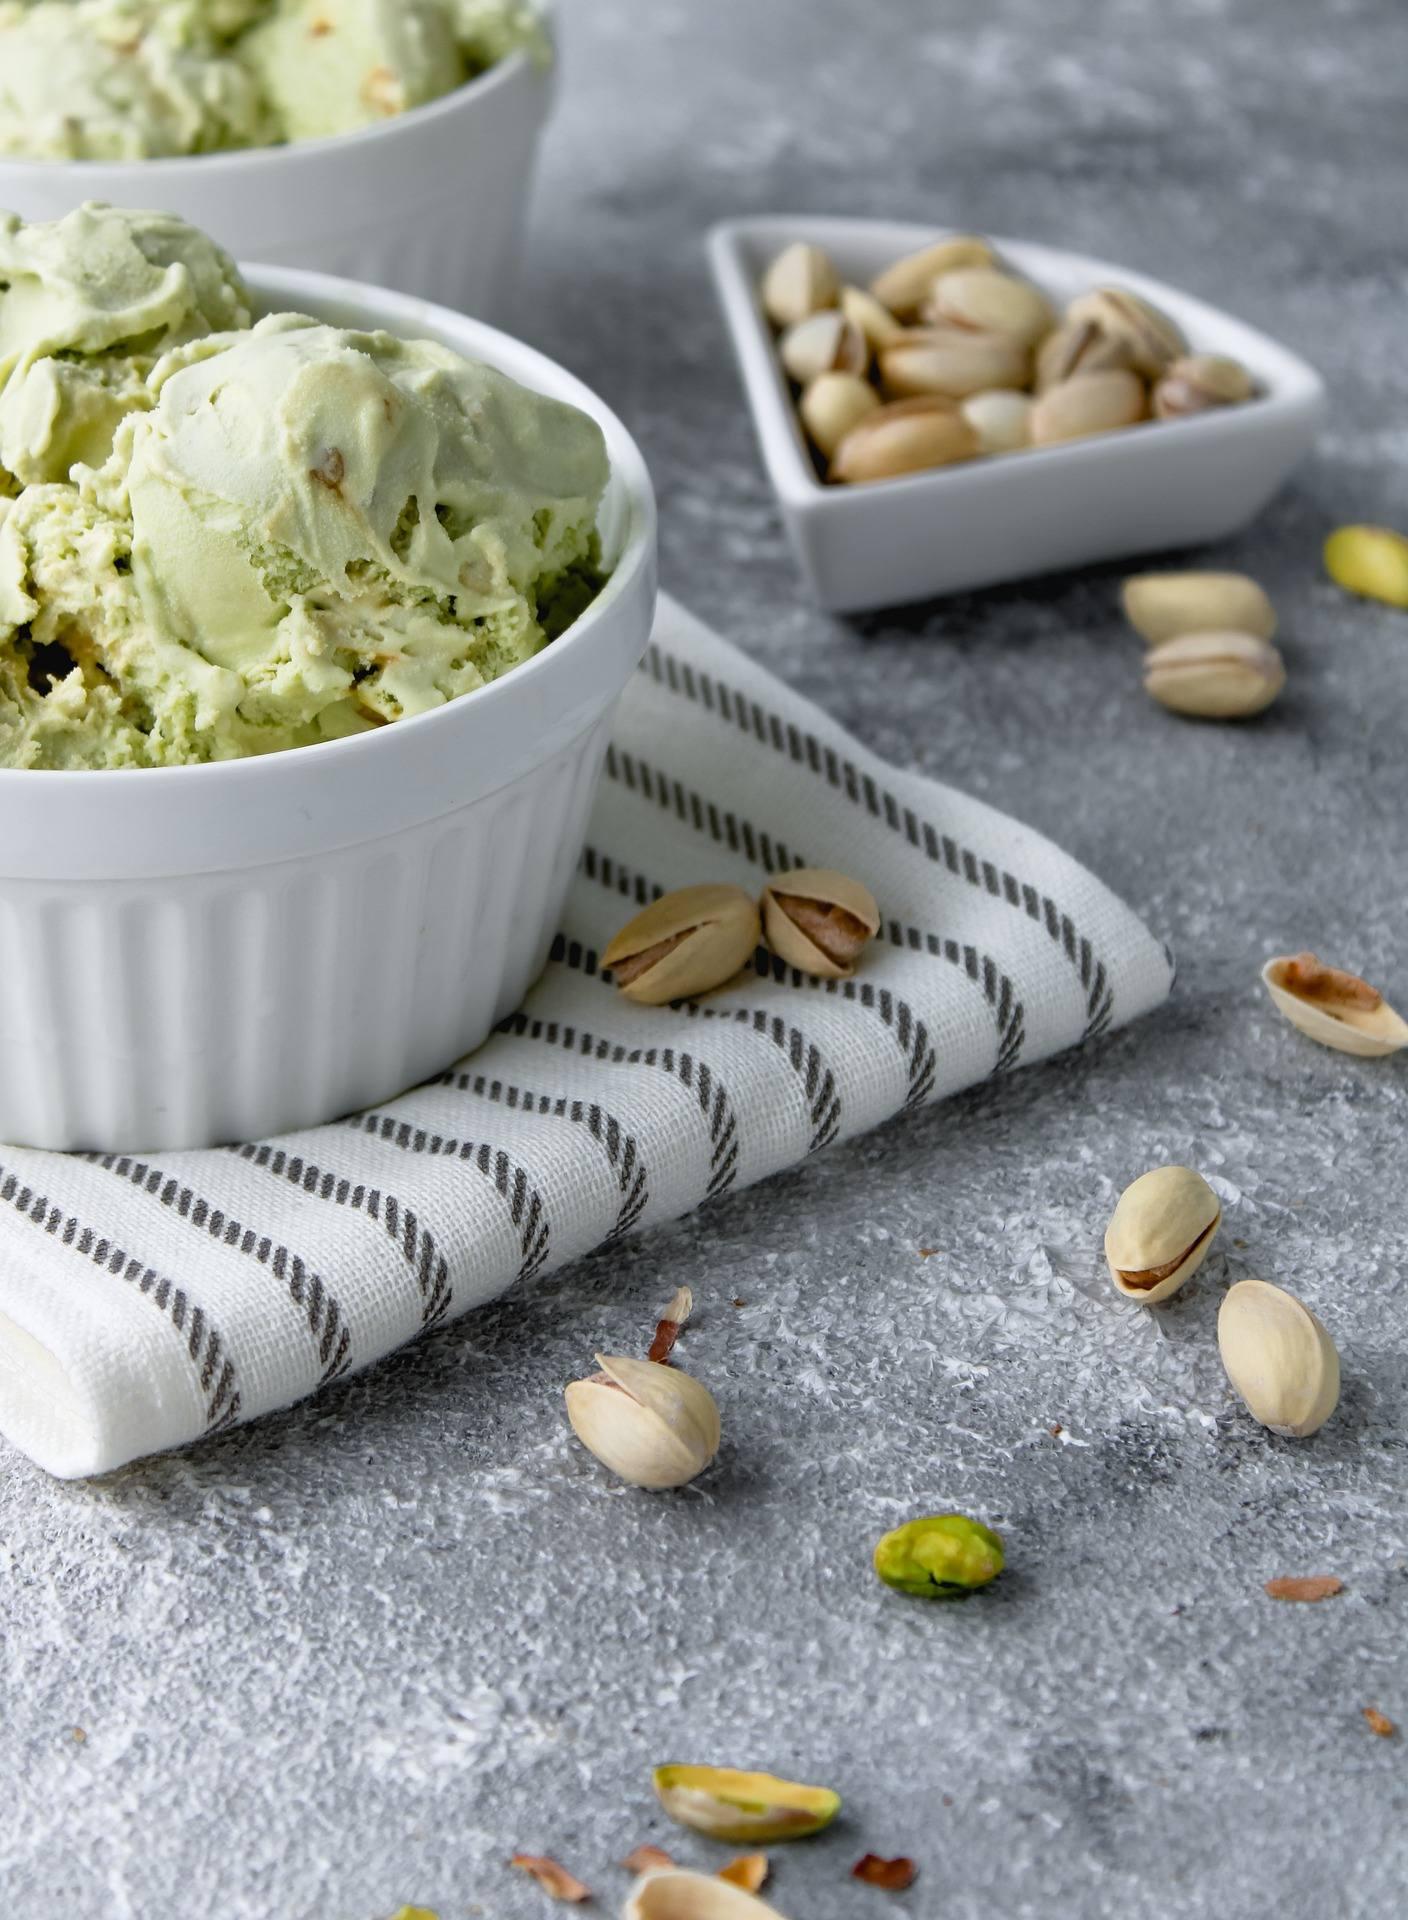 Helado de pistacho sin azúcar, receta rápida con solo 3 ingredientes y sin heladera 2